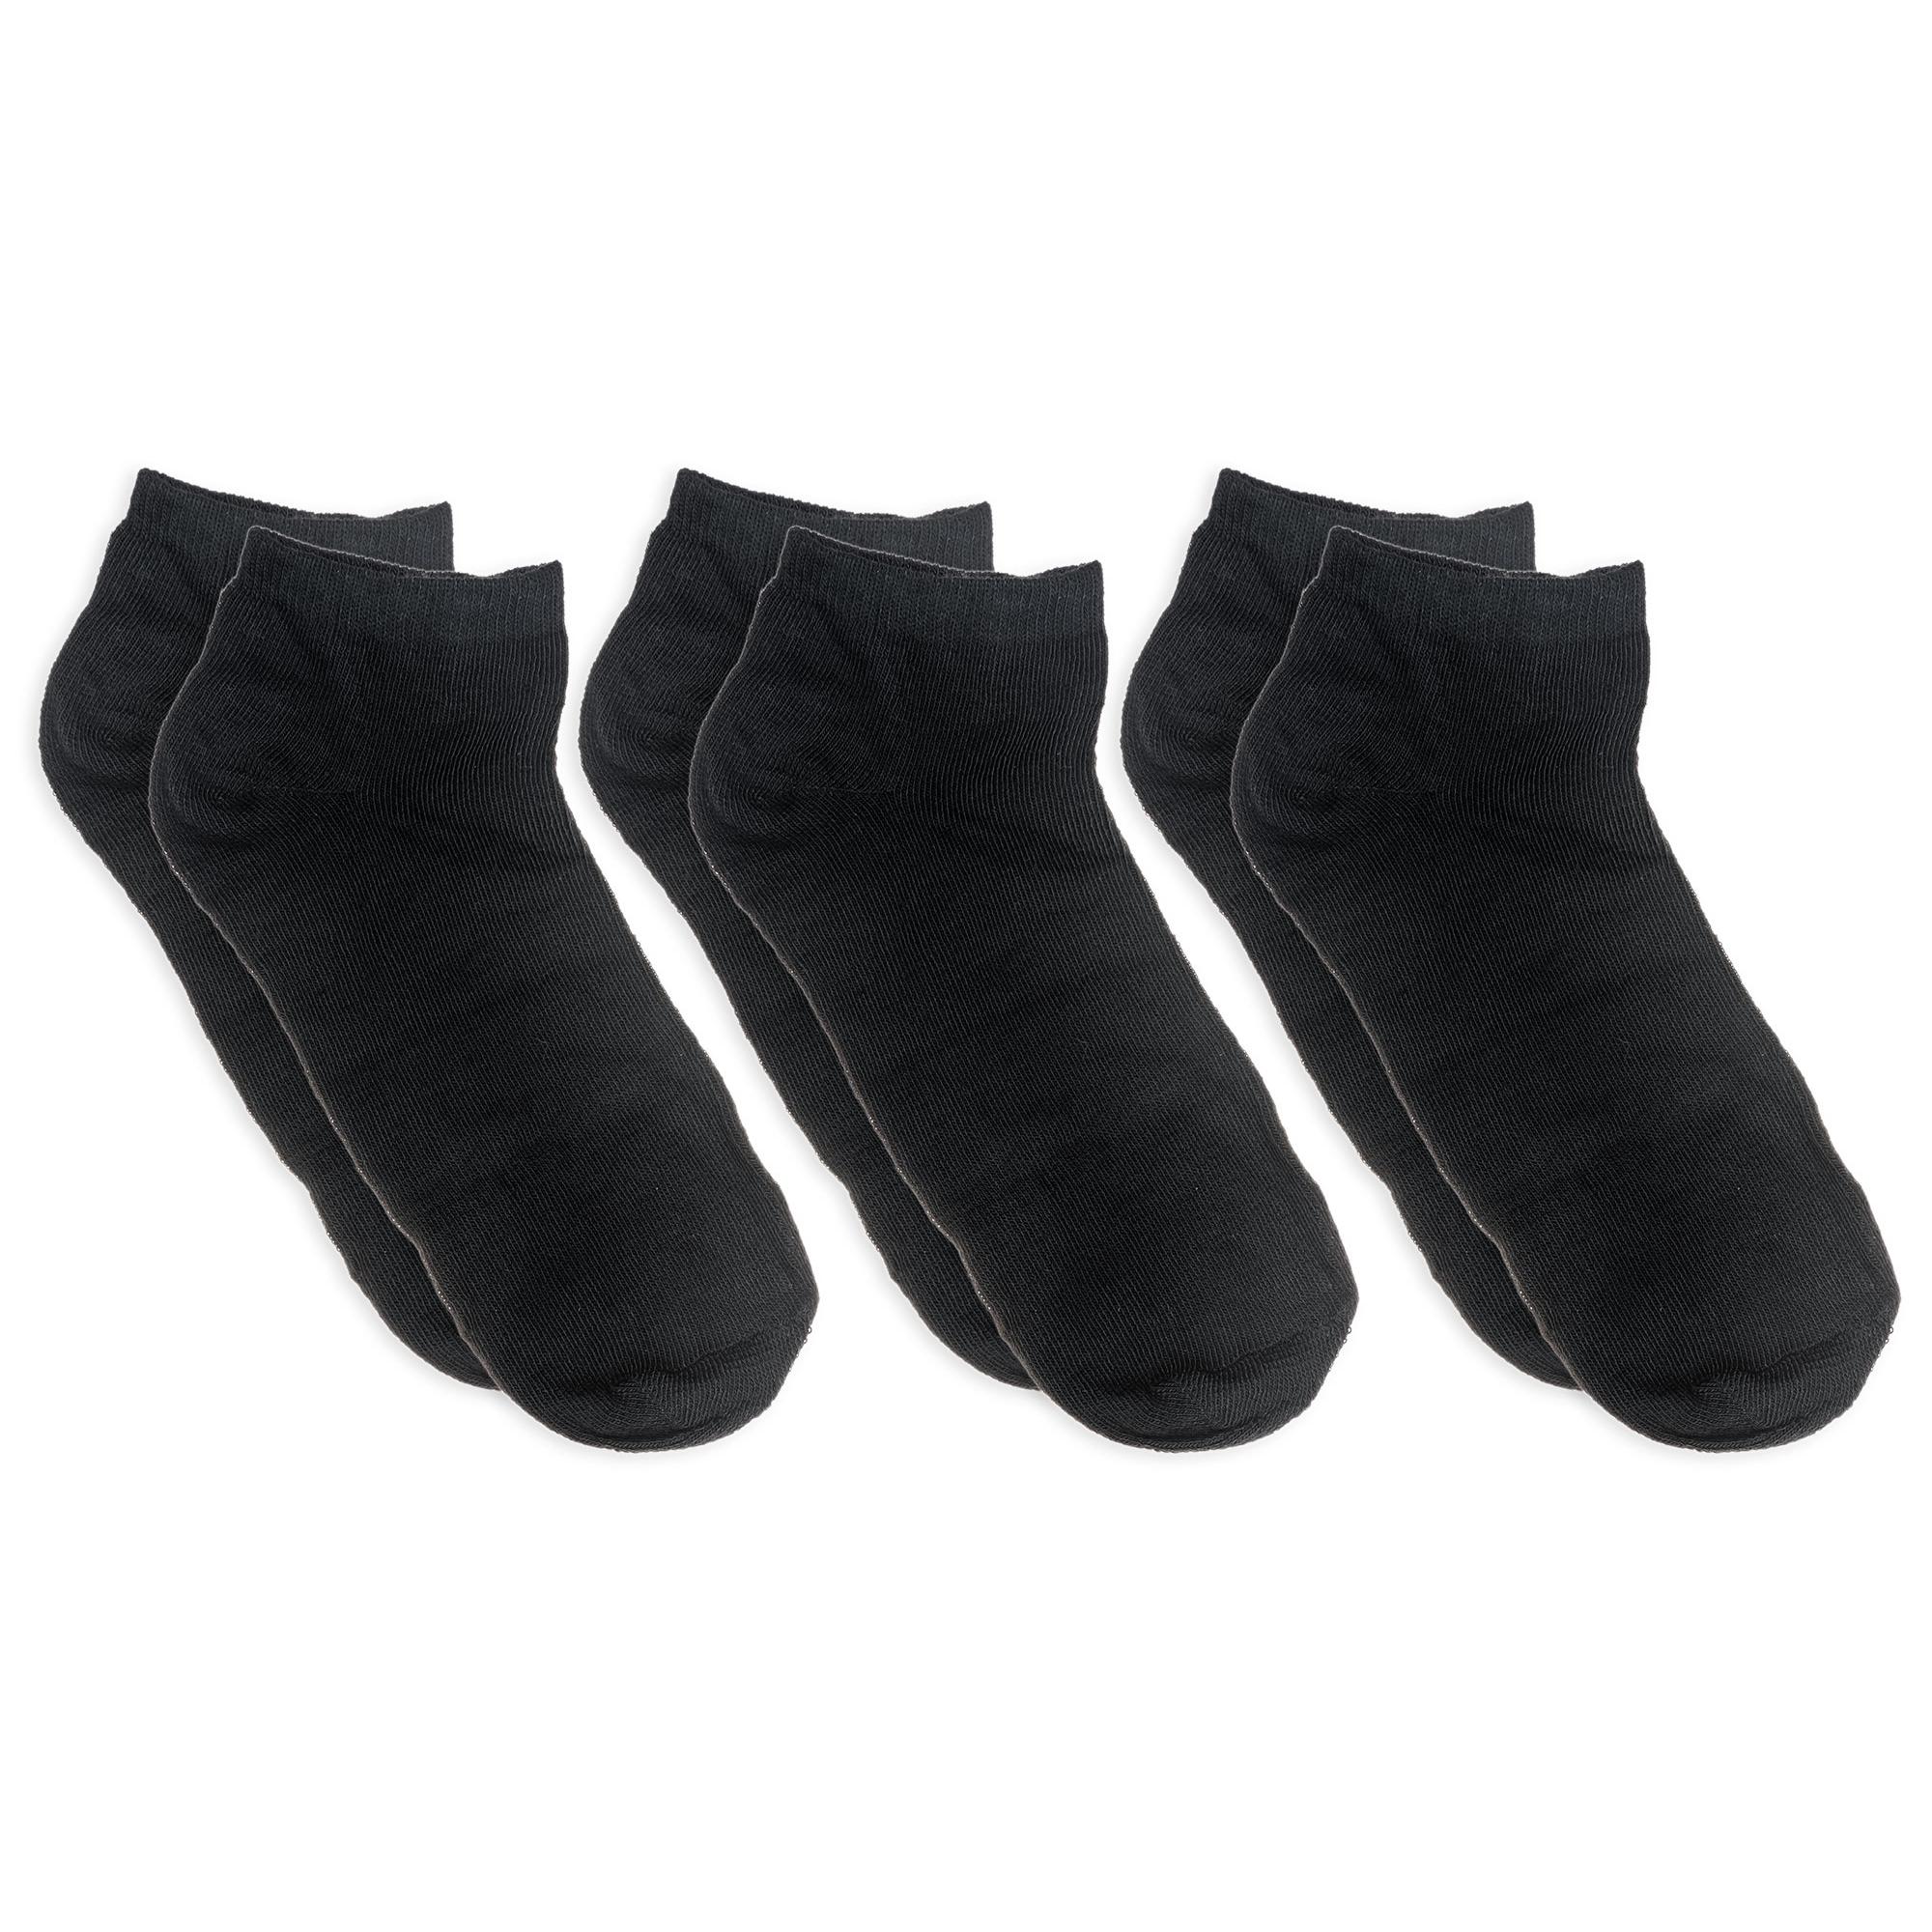 Accessories    Αξεσουάρ Ένδυσης    Κάλτσες χαμηλές μαύρες ανδρικές ... 4ba6ce786ed